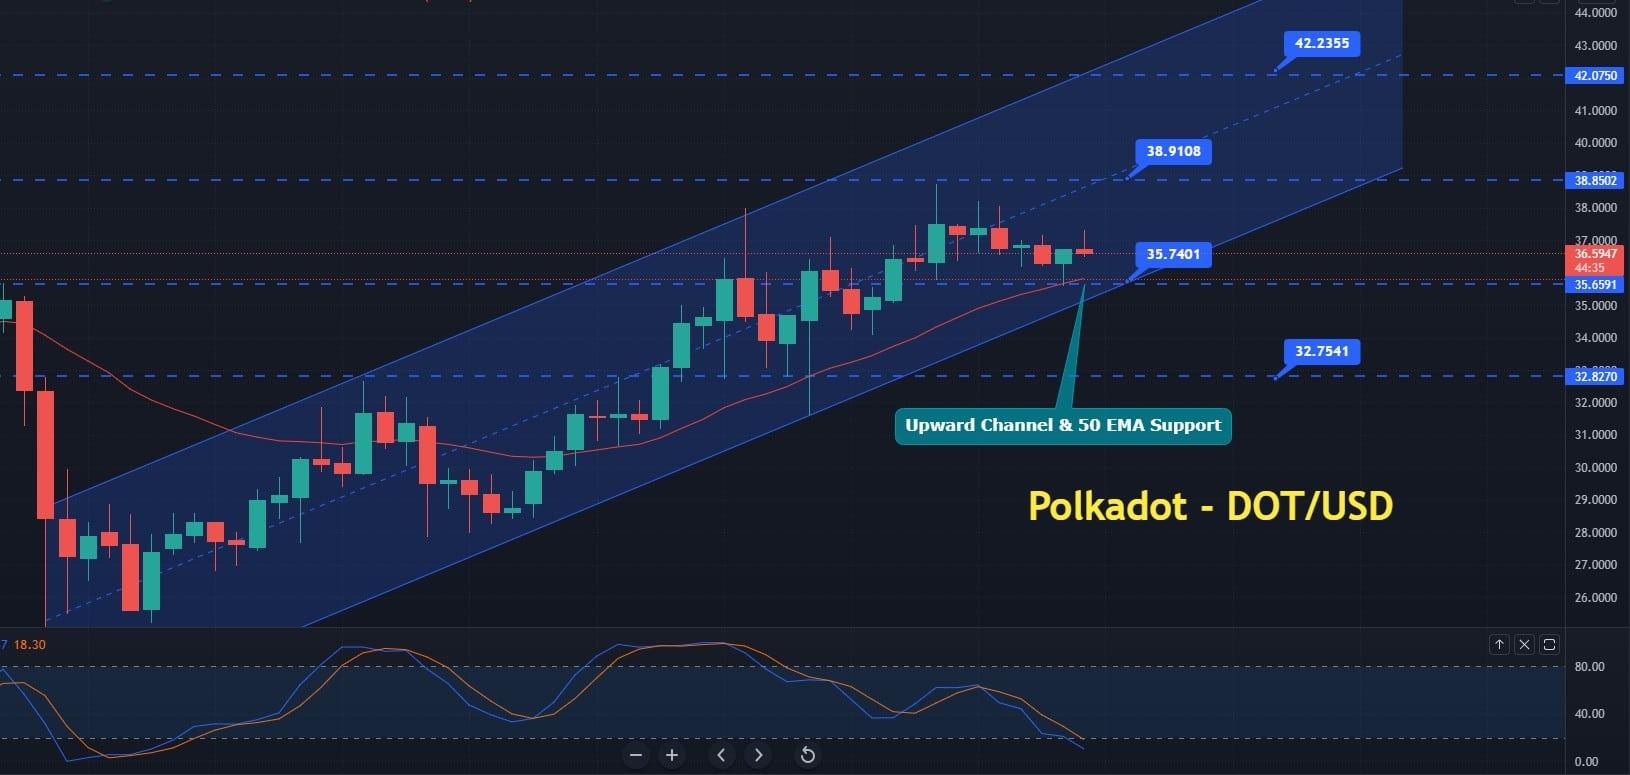 Polkadot Price Prediction